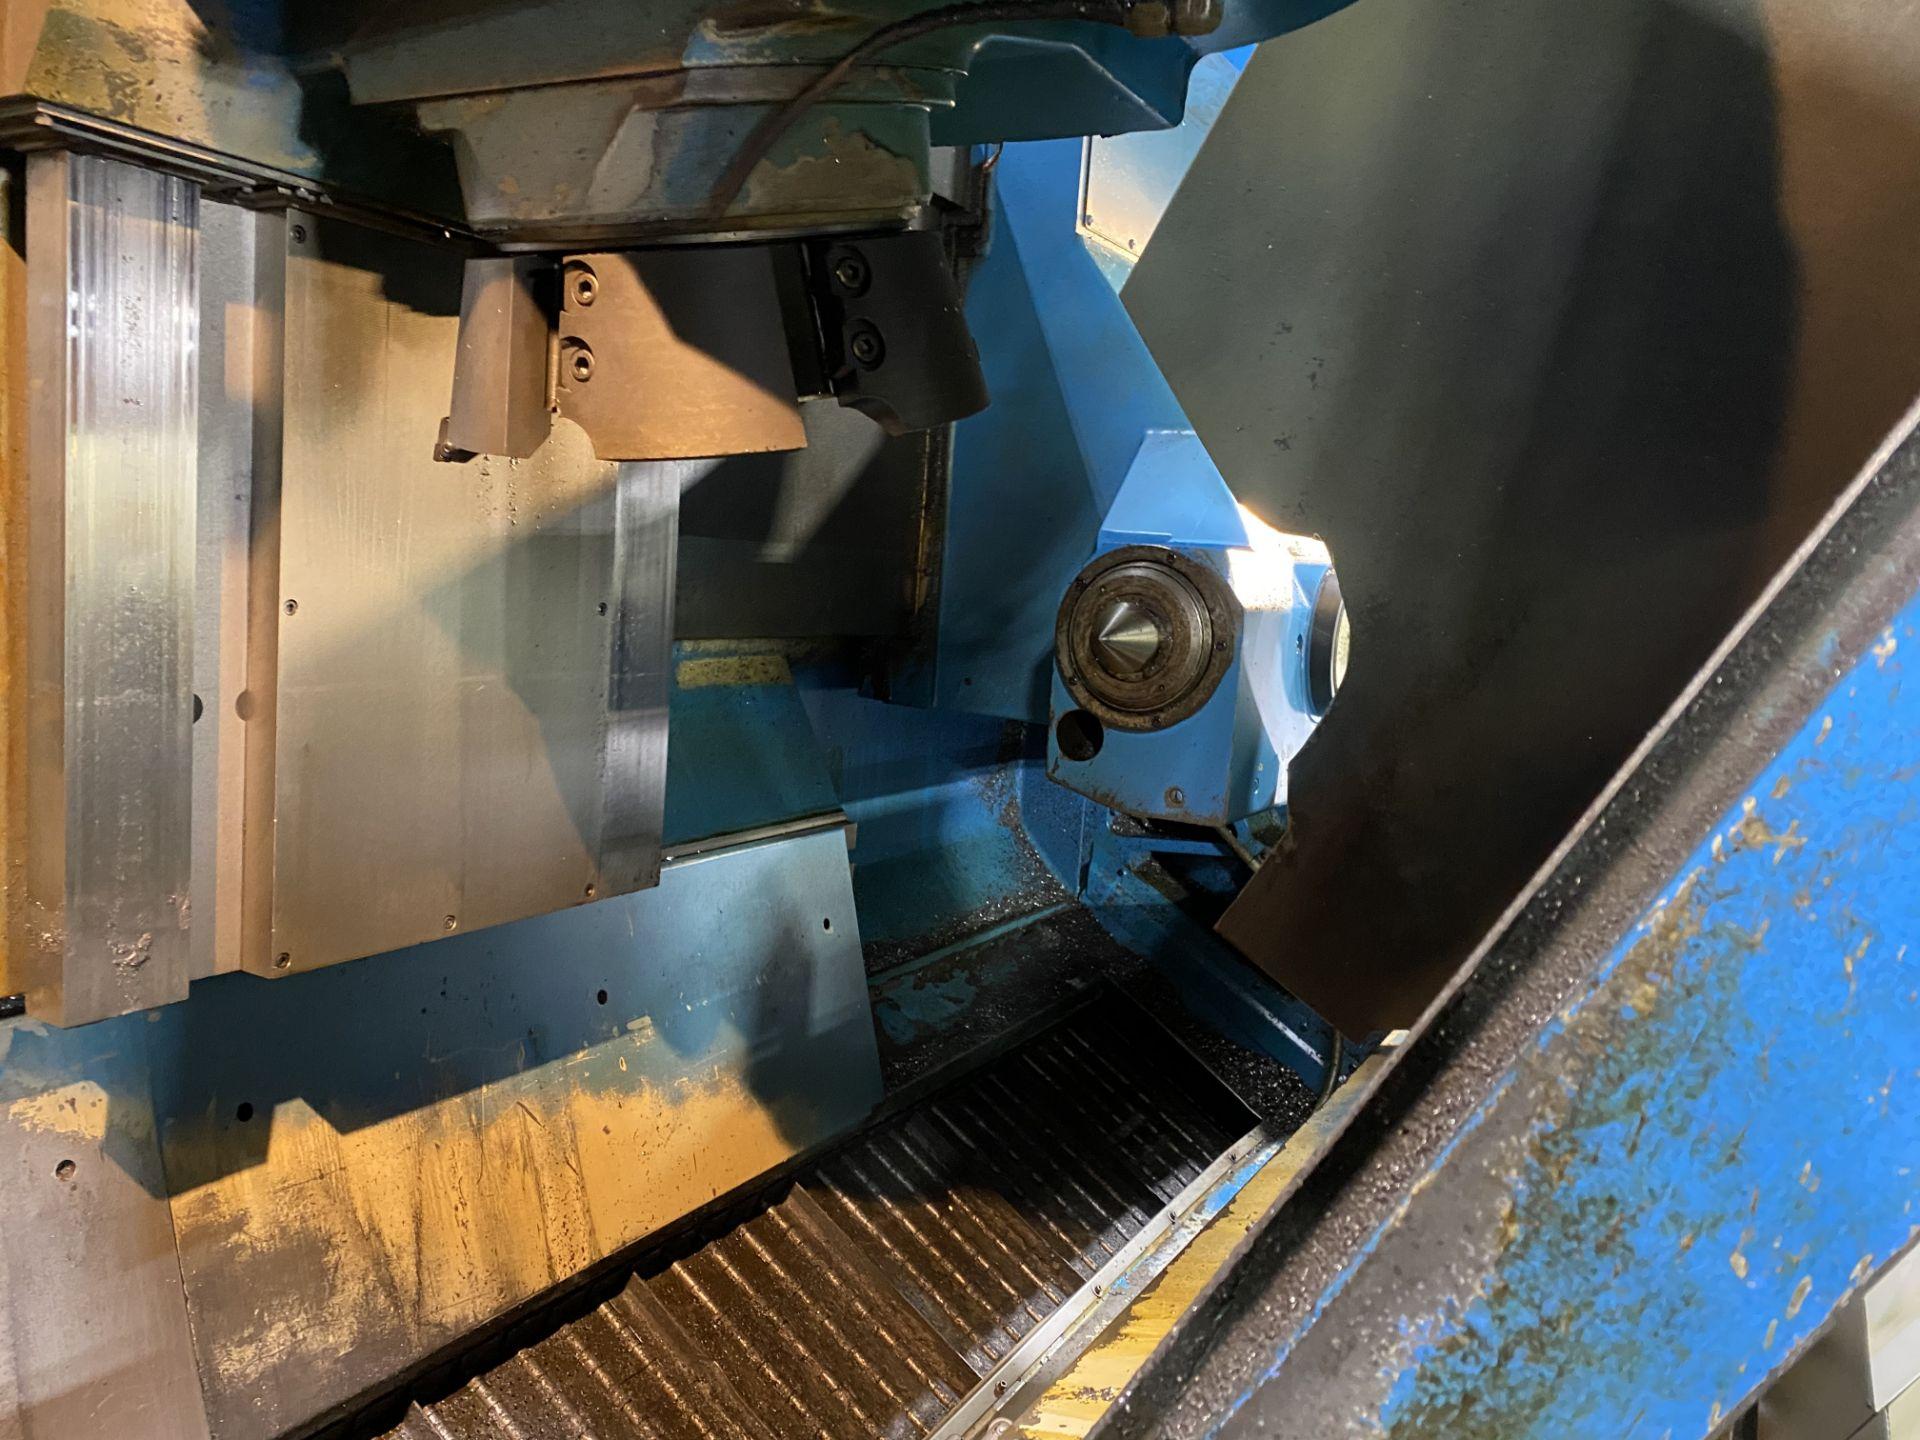 Cincinnati 24x60 Cinturn CNC Lathe - Image 5 of 8